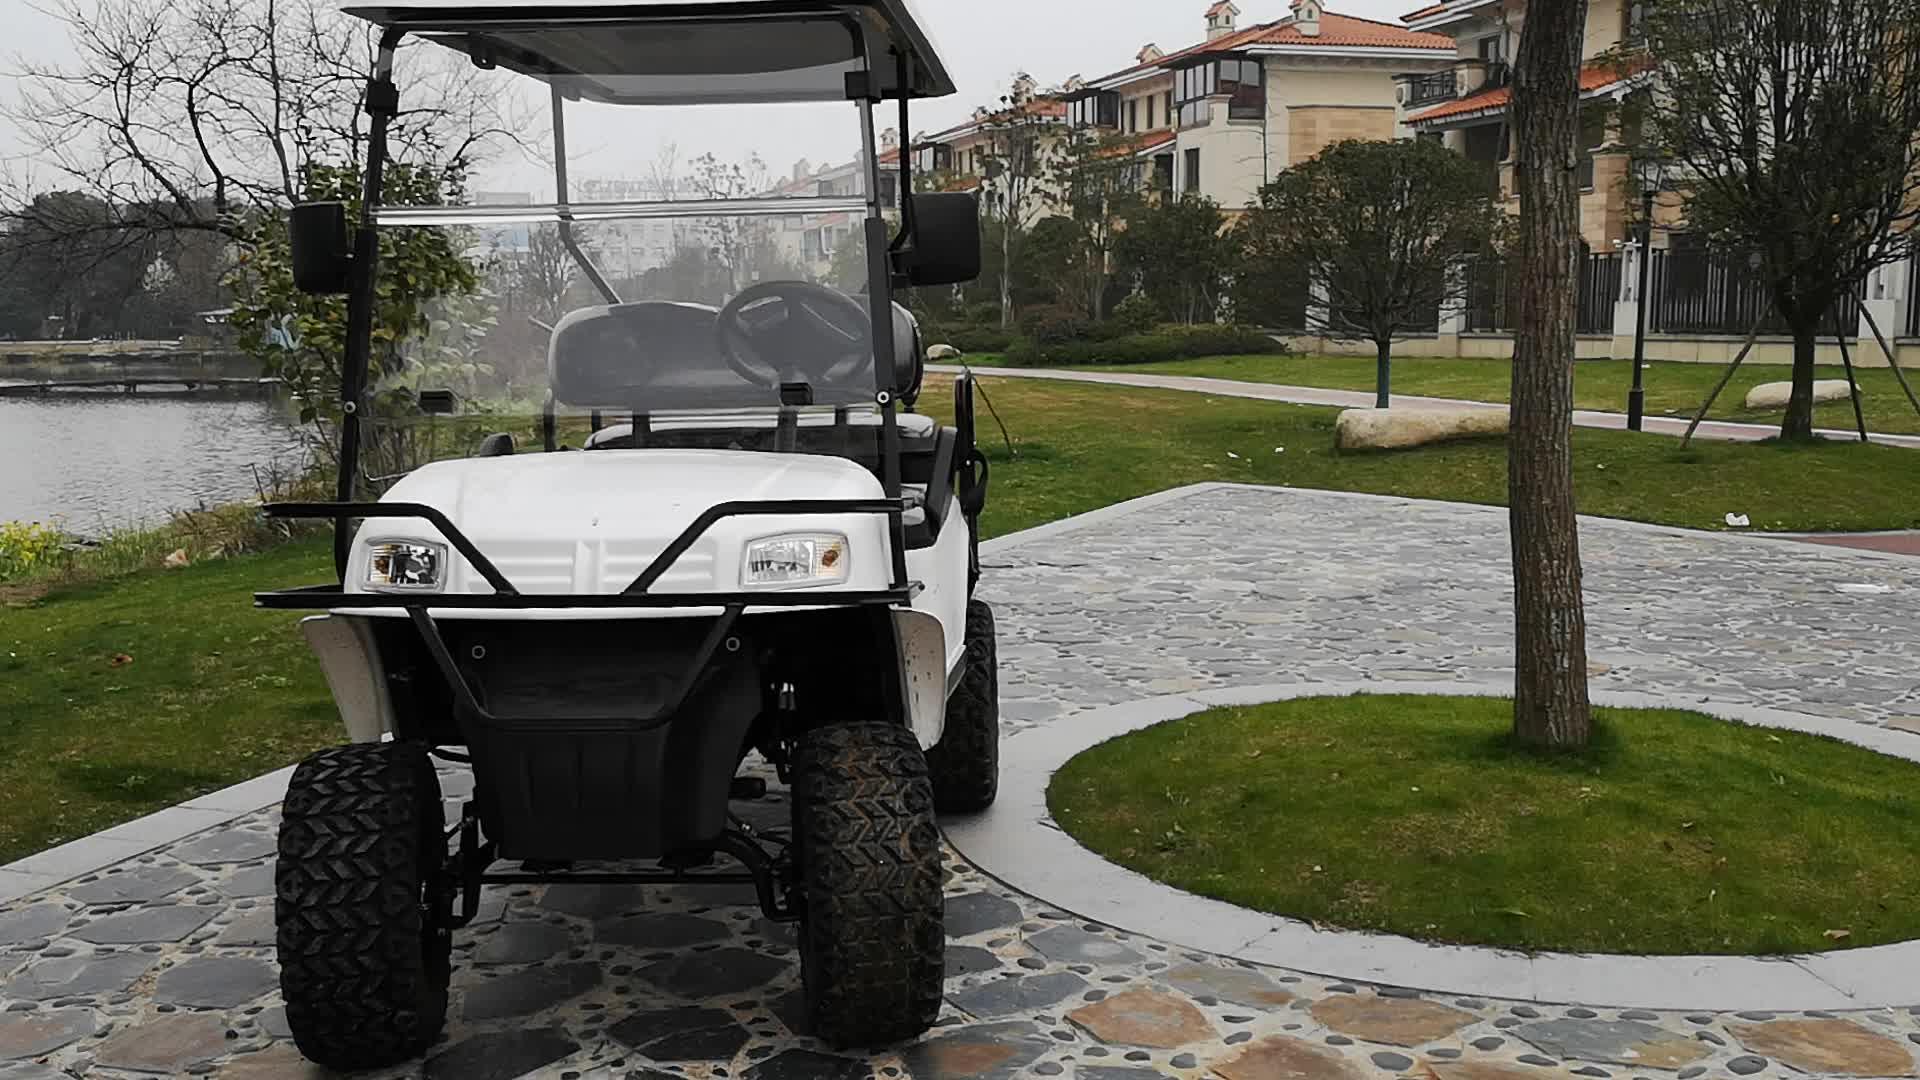 EPA 12 Inch Offroad Lốp 300cc 6 Hành Khách Cát Địa Hình Săn Bắn Khí Nhiên Liệu Golf Giỏ Hàng